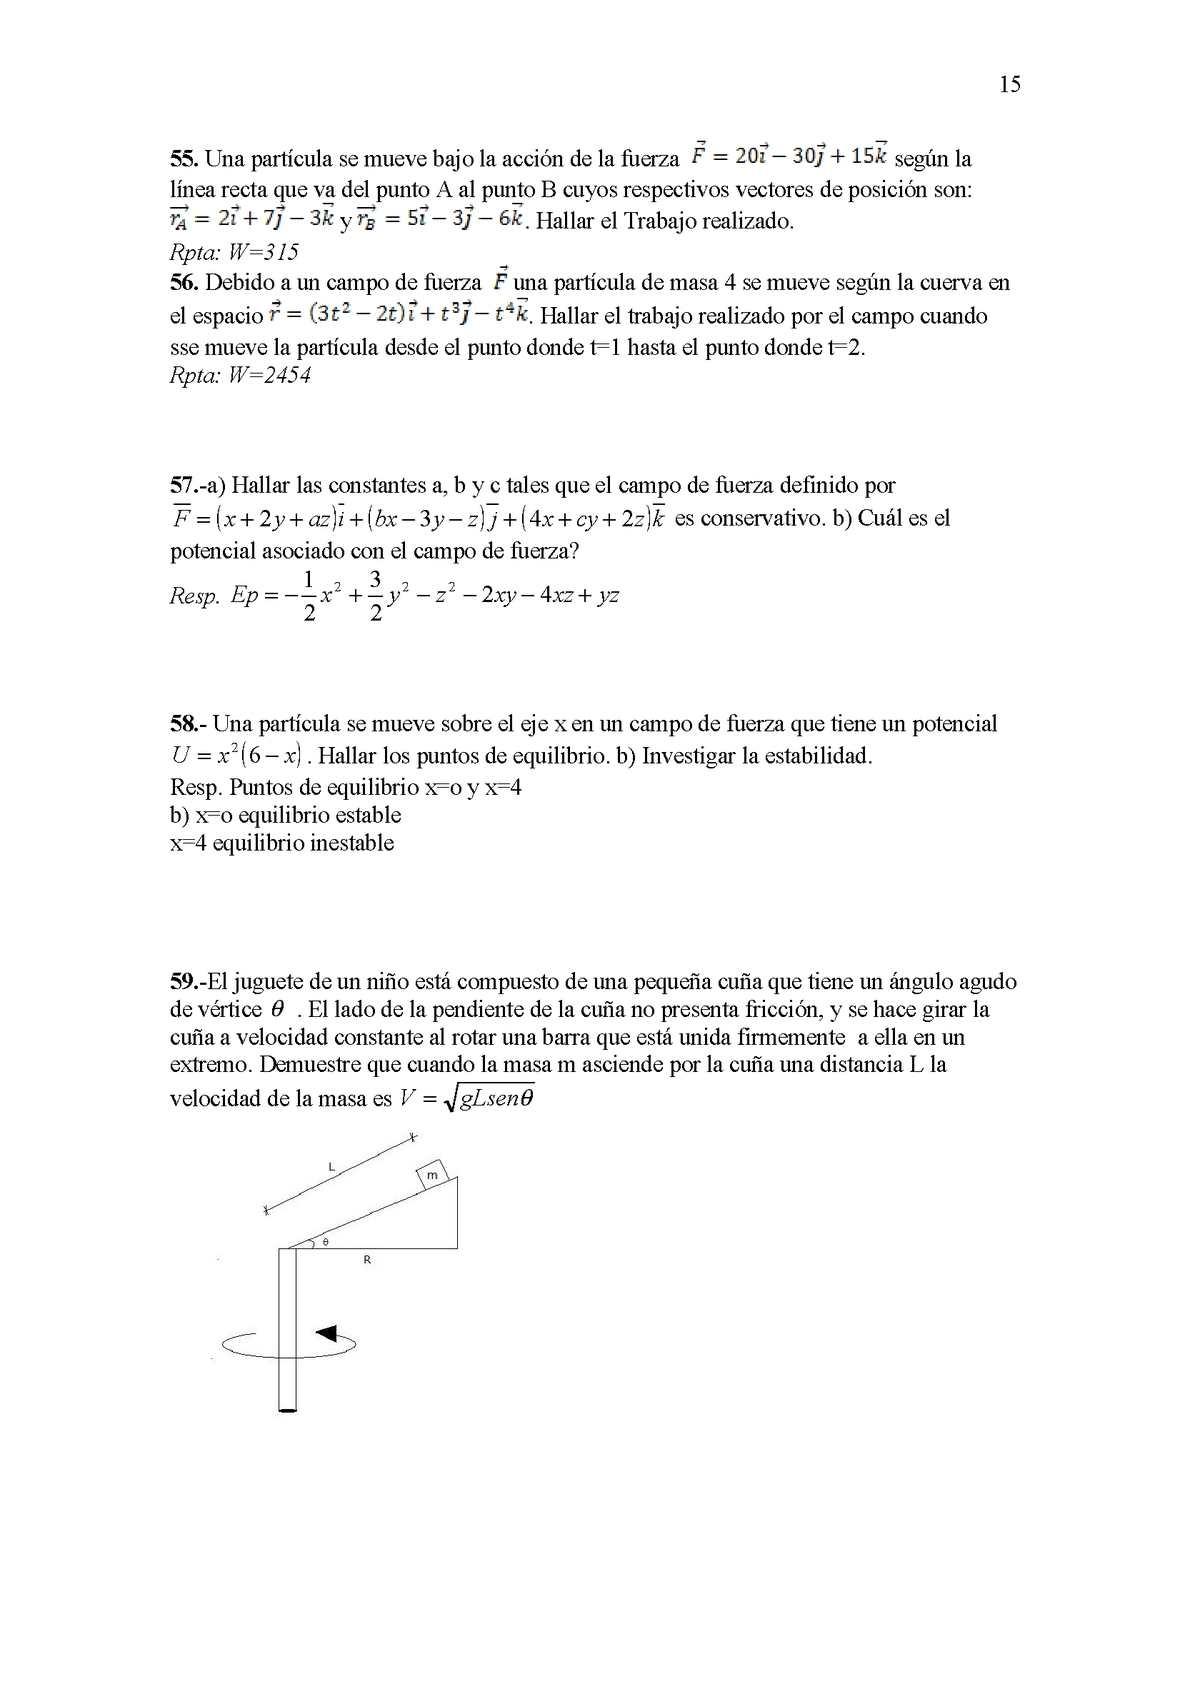 105322068 Problemas De Fisica General I Calameo Downloader